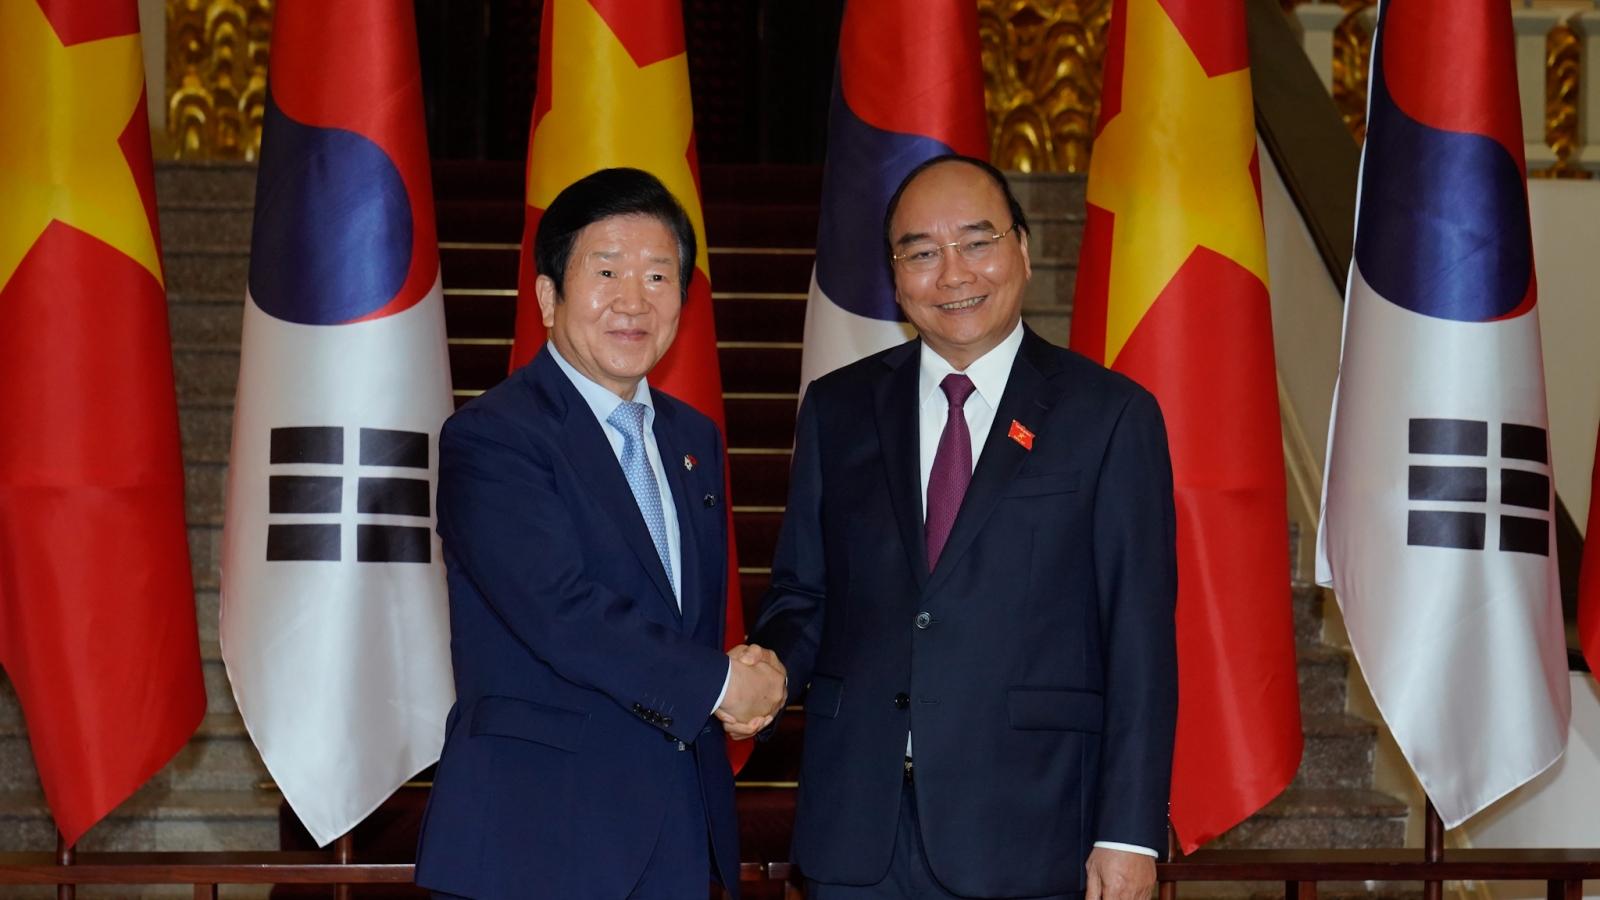 Thủ tướng: Việt Nam-Hàn Quốc phấn đấu sớm đạt kim ngạch thương mại 100 tỷ USD